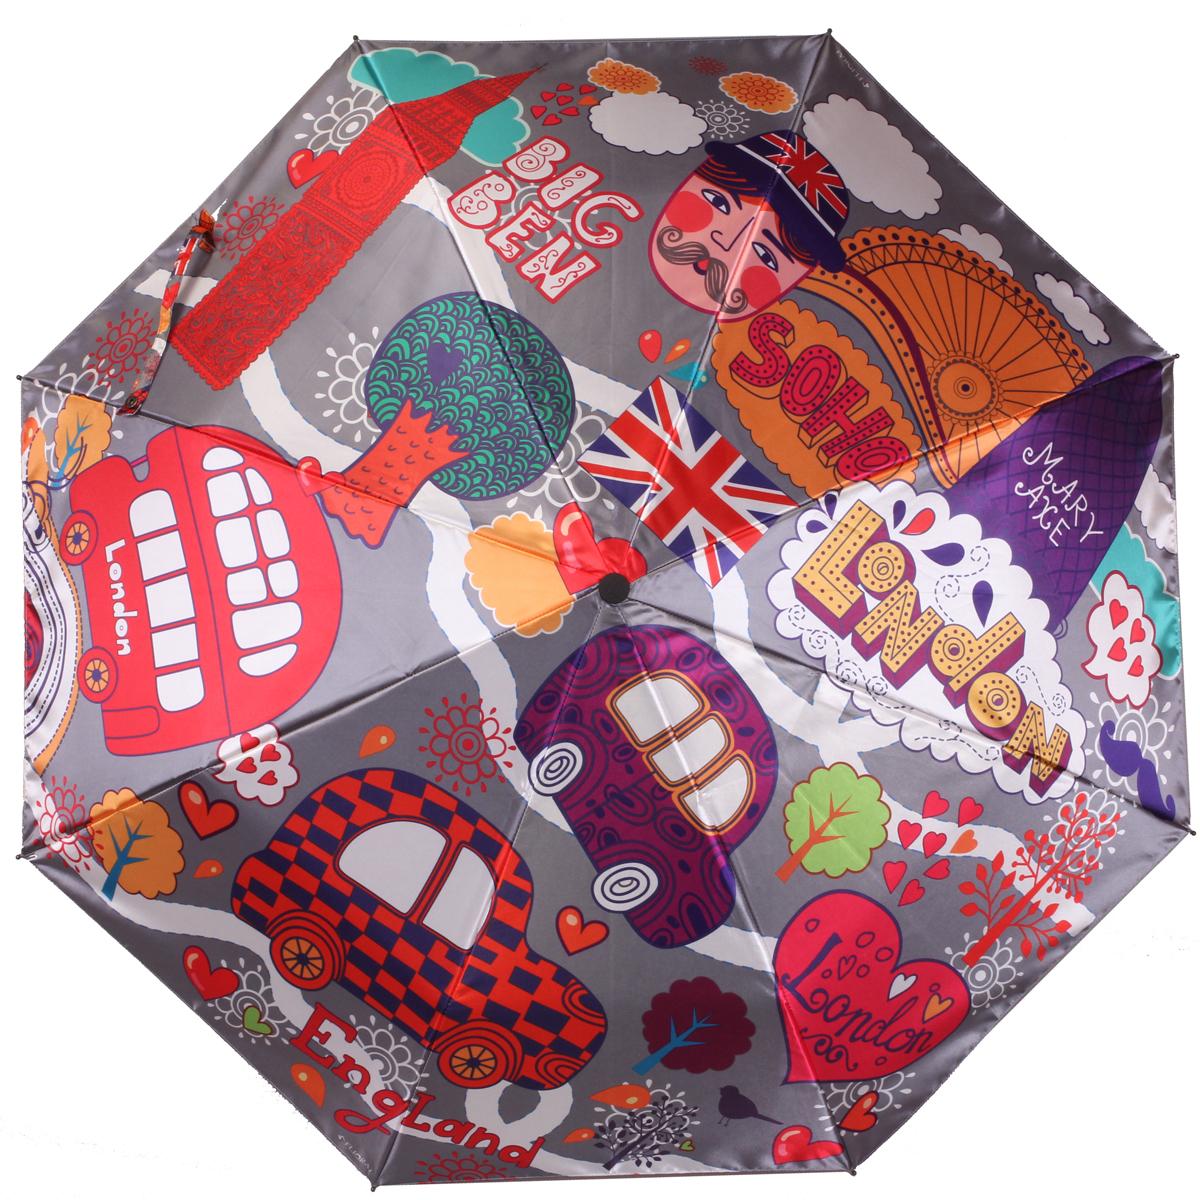 Зонт женский Flioraj Лондон, автомат, 3 сложения. 013-043FJ013-043FJСтильный автоматический зонт Flioraj Лондон в 3 сложения даже в ненастную погоду позволит вам оставаться стильной и элегантной. Каркас зонта из анодированной стали состоит из восьми карбоновых спиц, оснащен удобной прорезиненной рукояткой. Зонт имеет полный автоматический механизм сложения: купол открывается и закрывается нажатием кнопки на рукоятке, стержень складывается вручную до характерного щелчка, благодаря чему открыть и закрыть зонт можно одной рукой, что чрезвычайно удобно при входе в транспорт или помещение. Купол зонта выполнен из прочного сатина черного цвета и оформлен в английской тематике. На рукоятке для удобства есть небольшой шнурок-резинка, позволяющий надеть зонт на руку тогда, когда это будет необходимо. К зонту прилагается чехол.